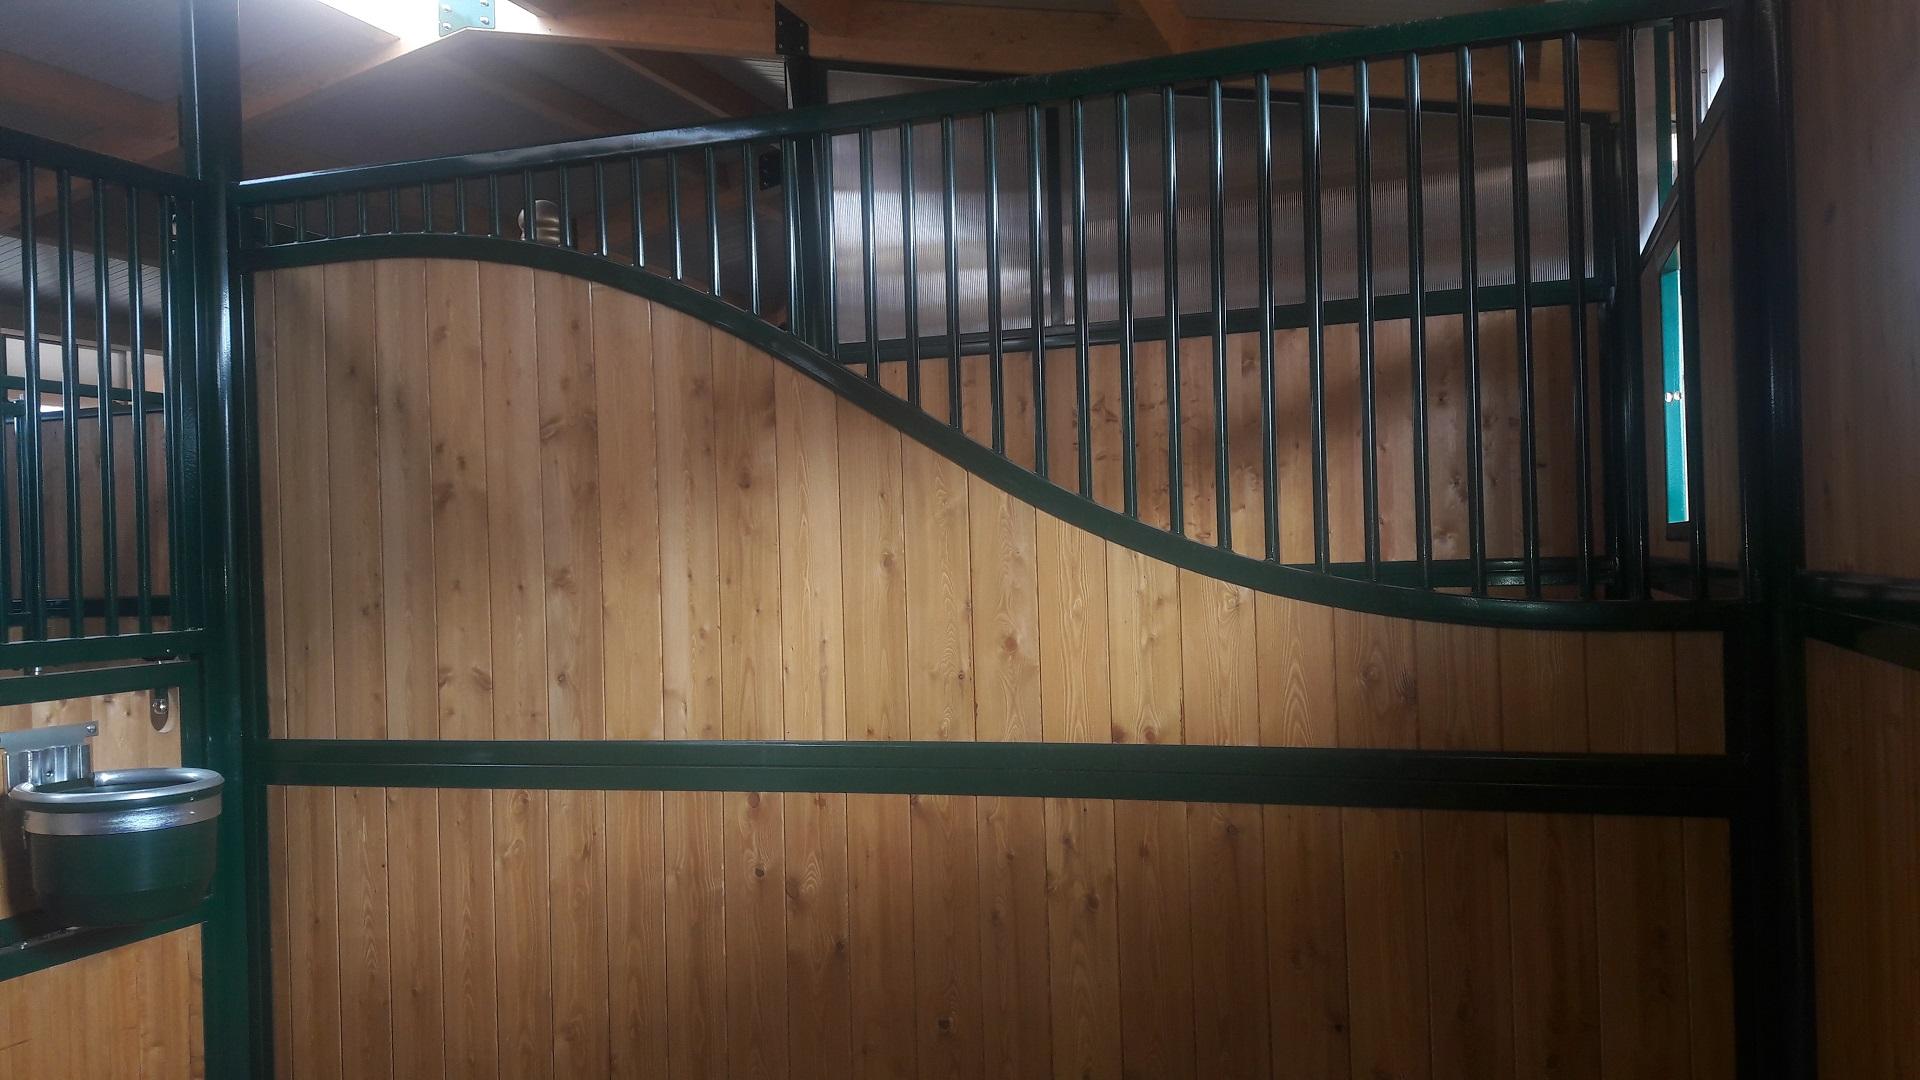 Divisorio con intelaiatura in ferro zincato e verniciato (sistema Triplex) tamponato a legno larice spessore 43 mm nella parte bassa, parte alta parzialmente tamponata a legno larice spessore 33 mm e parzialmente grigliata a barre